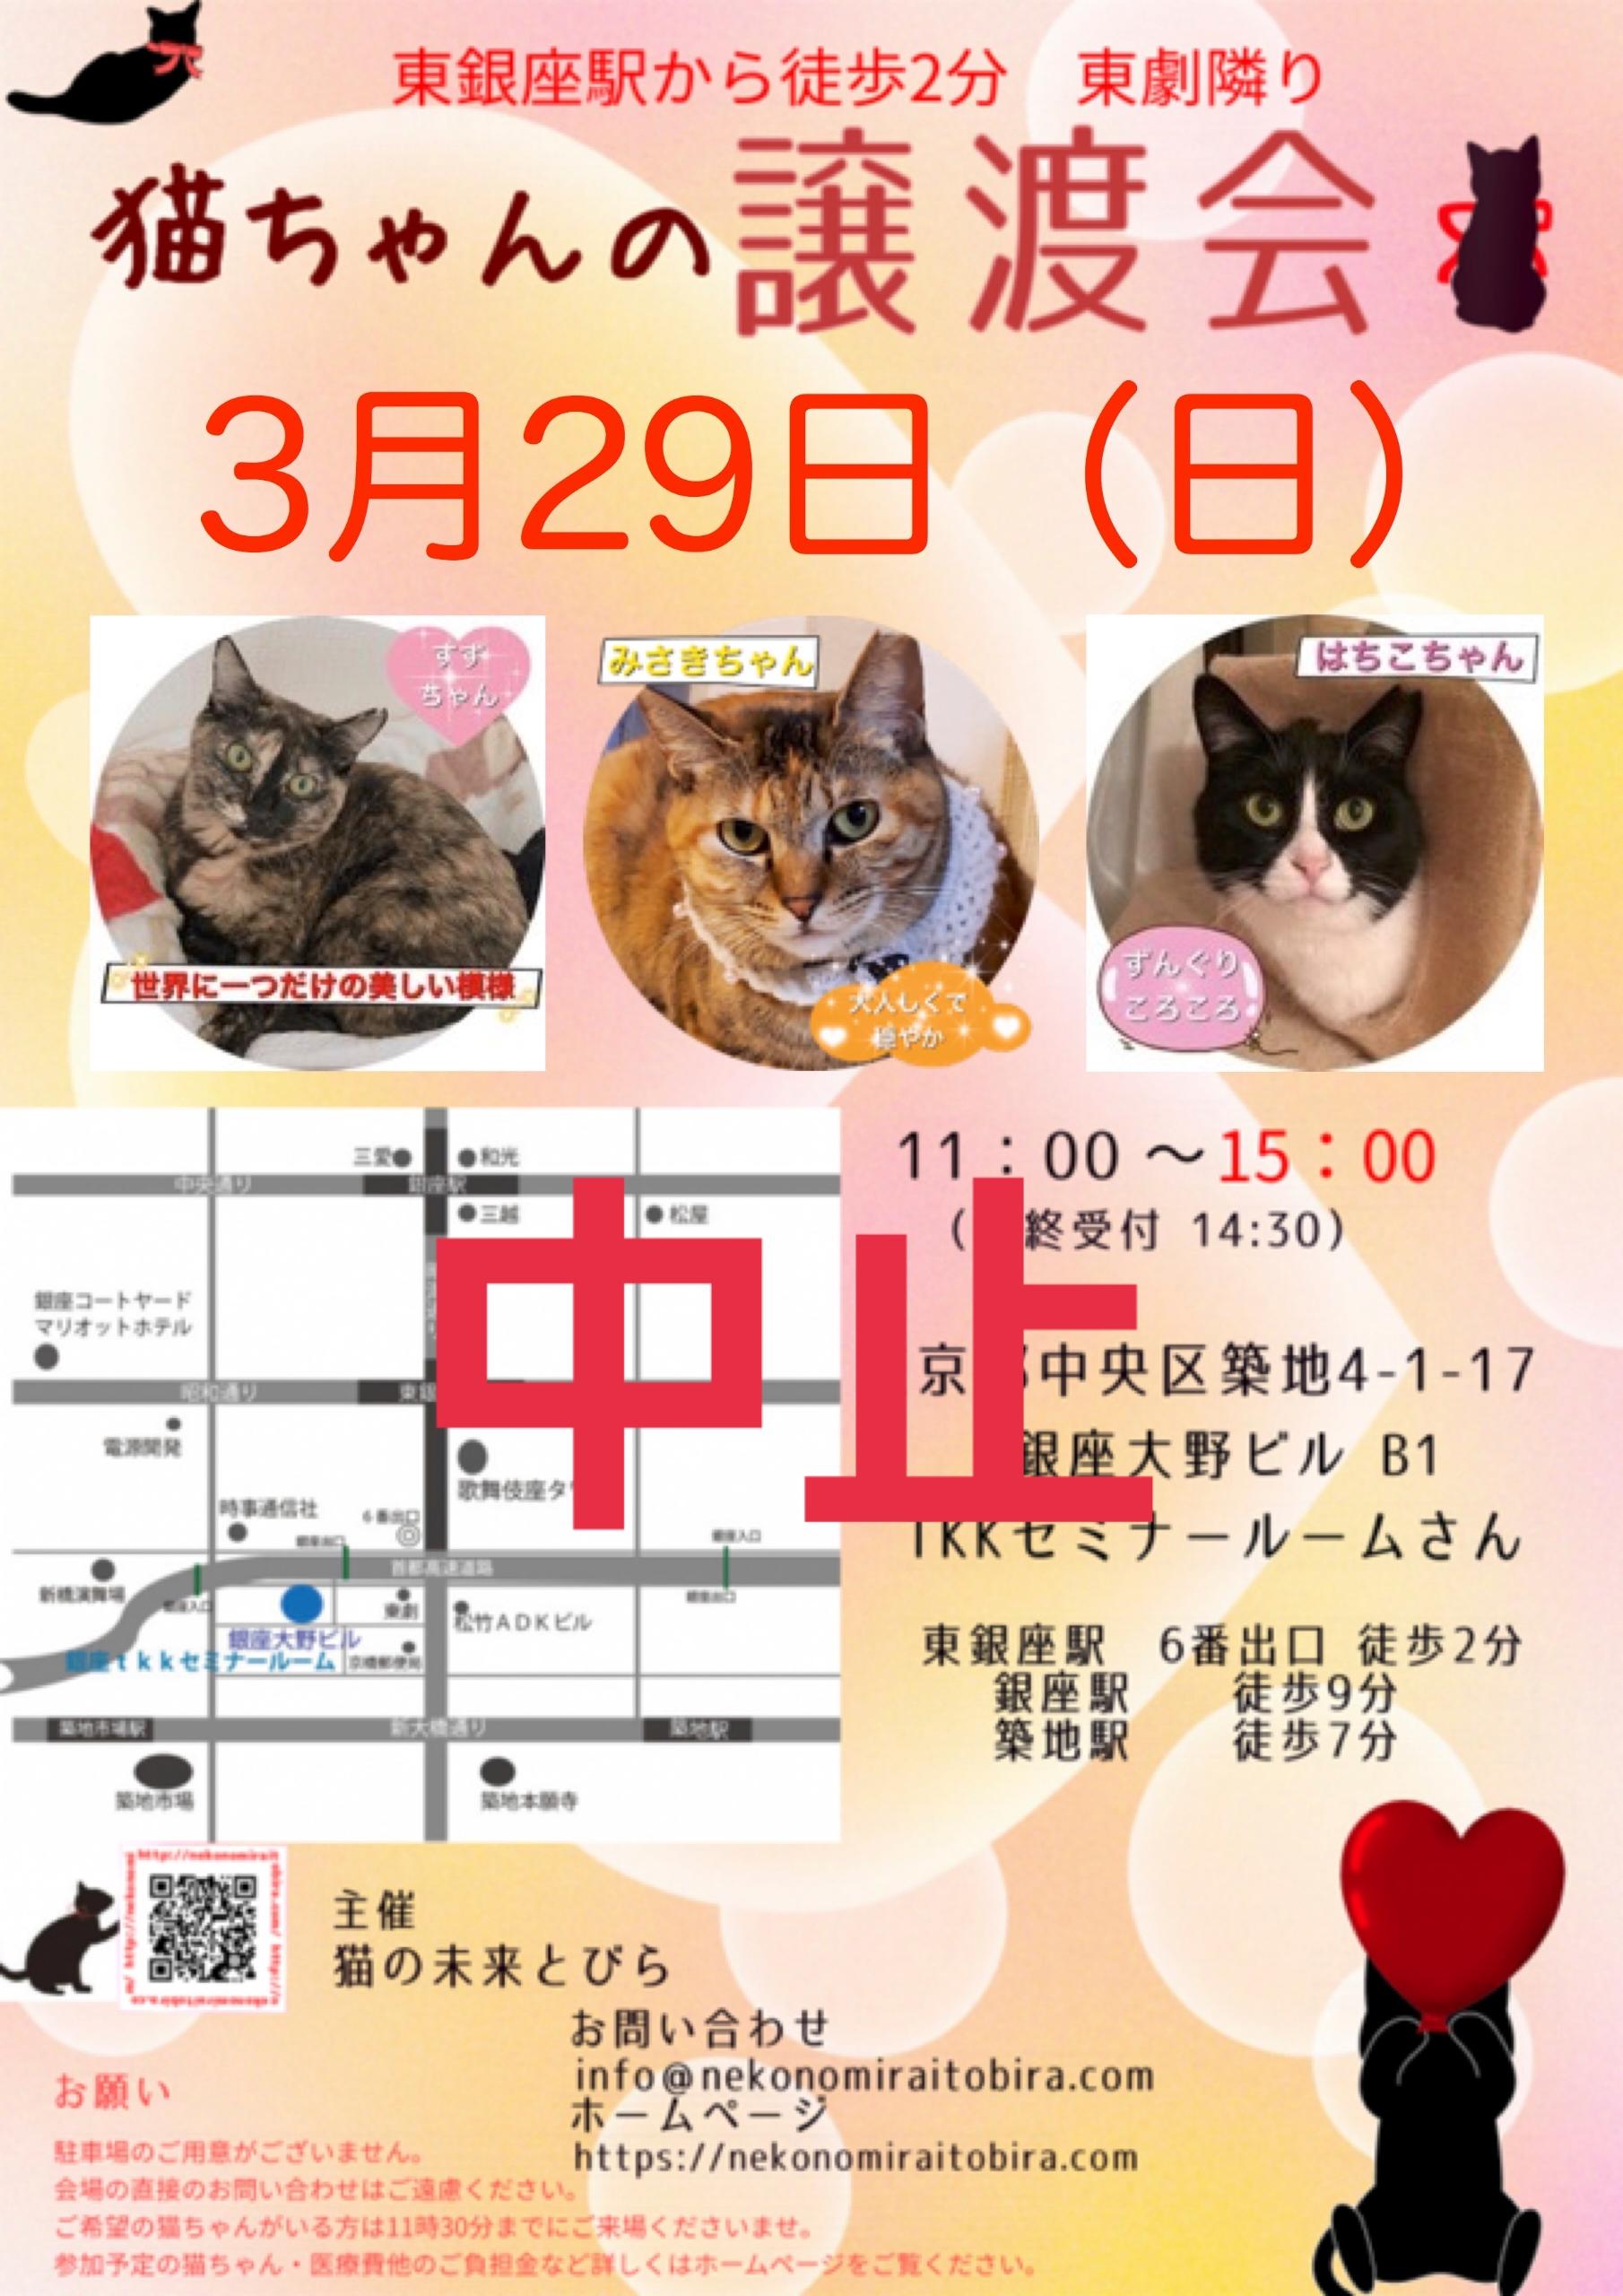 開催中止【 第55回】 <br>東京東銀座にて ねこの譲渡会開催